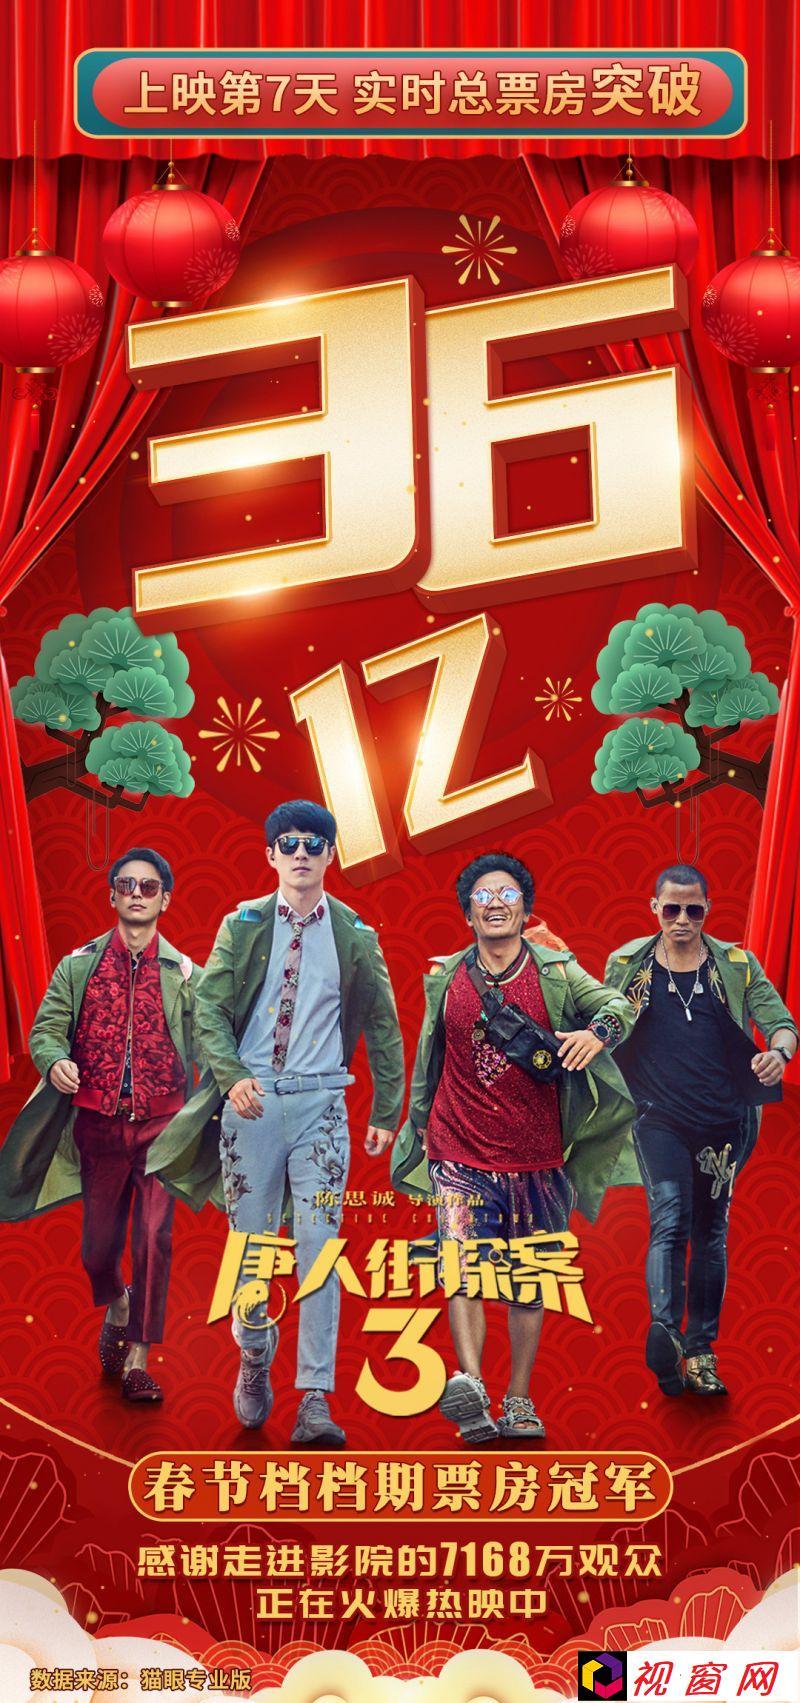 电影《唐人街探案3》票房破36亿!观影人次达7168万!